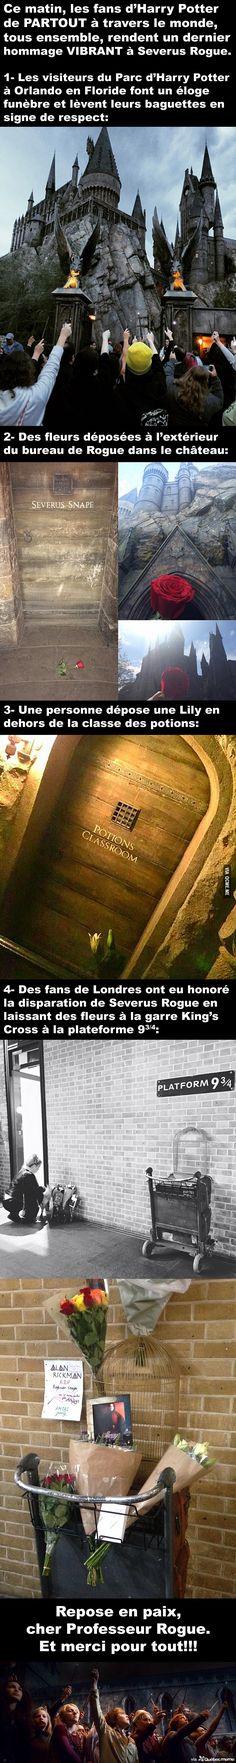 Les fans de Harry Potter livrent un dernier hommage VIBRANT à Severus Rogue partout dans le monde                                                                                                                                                                                 Plus